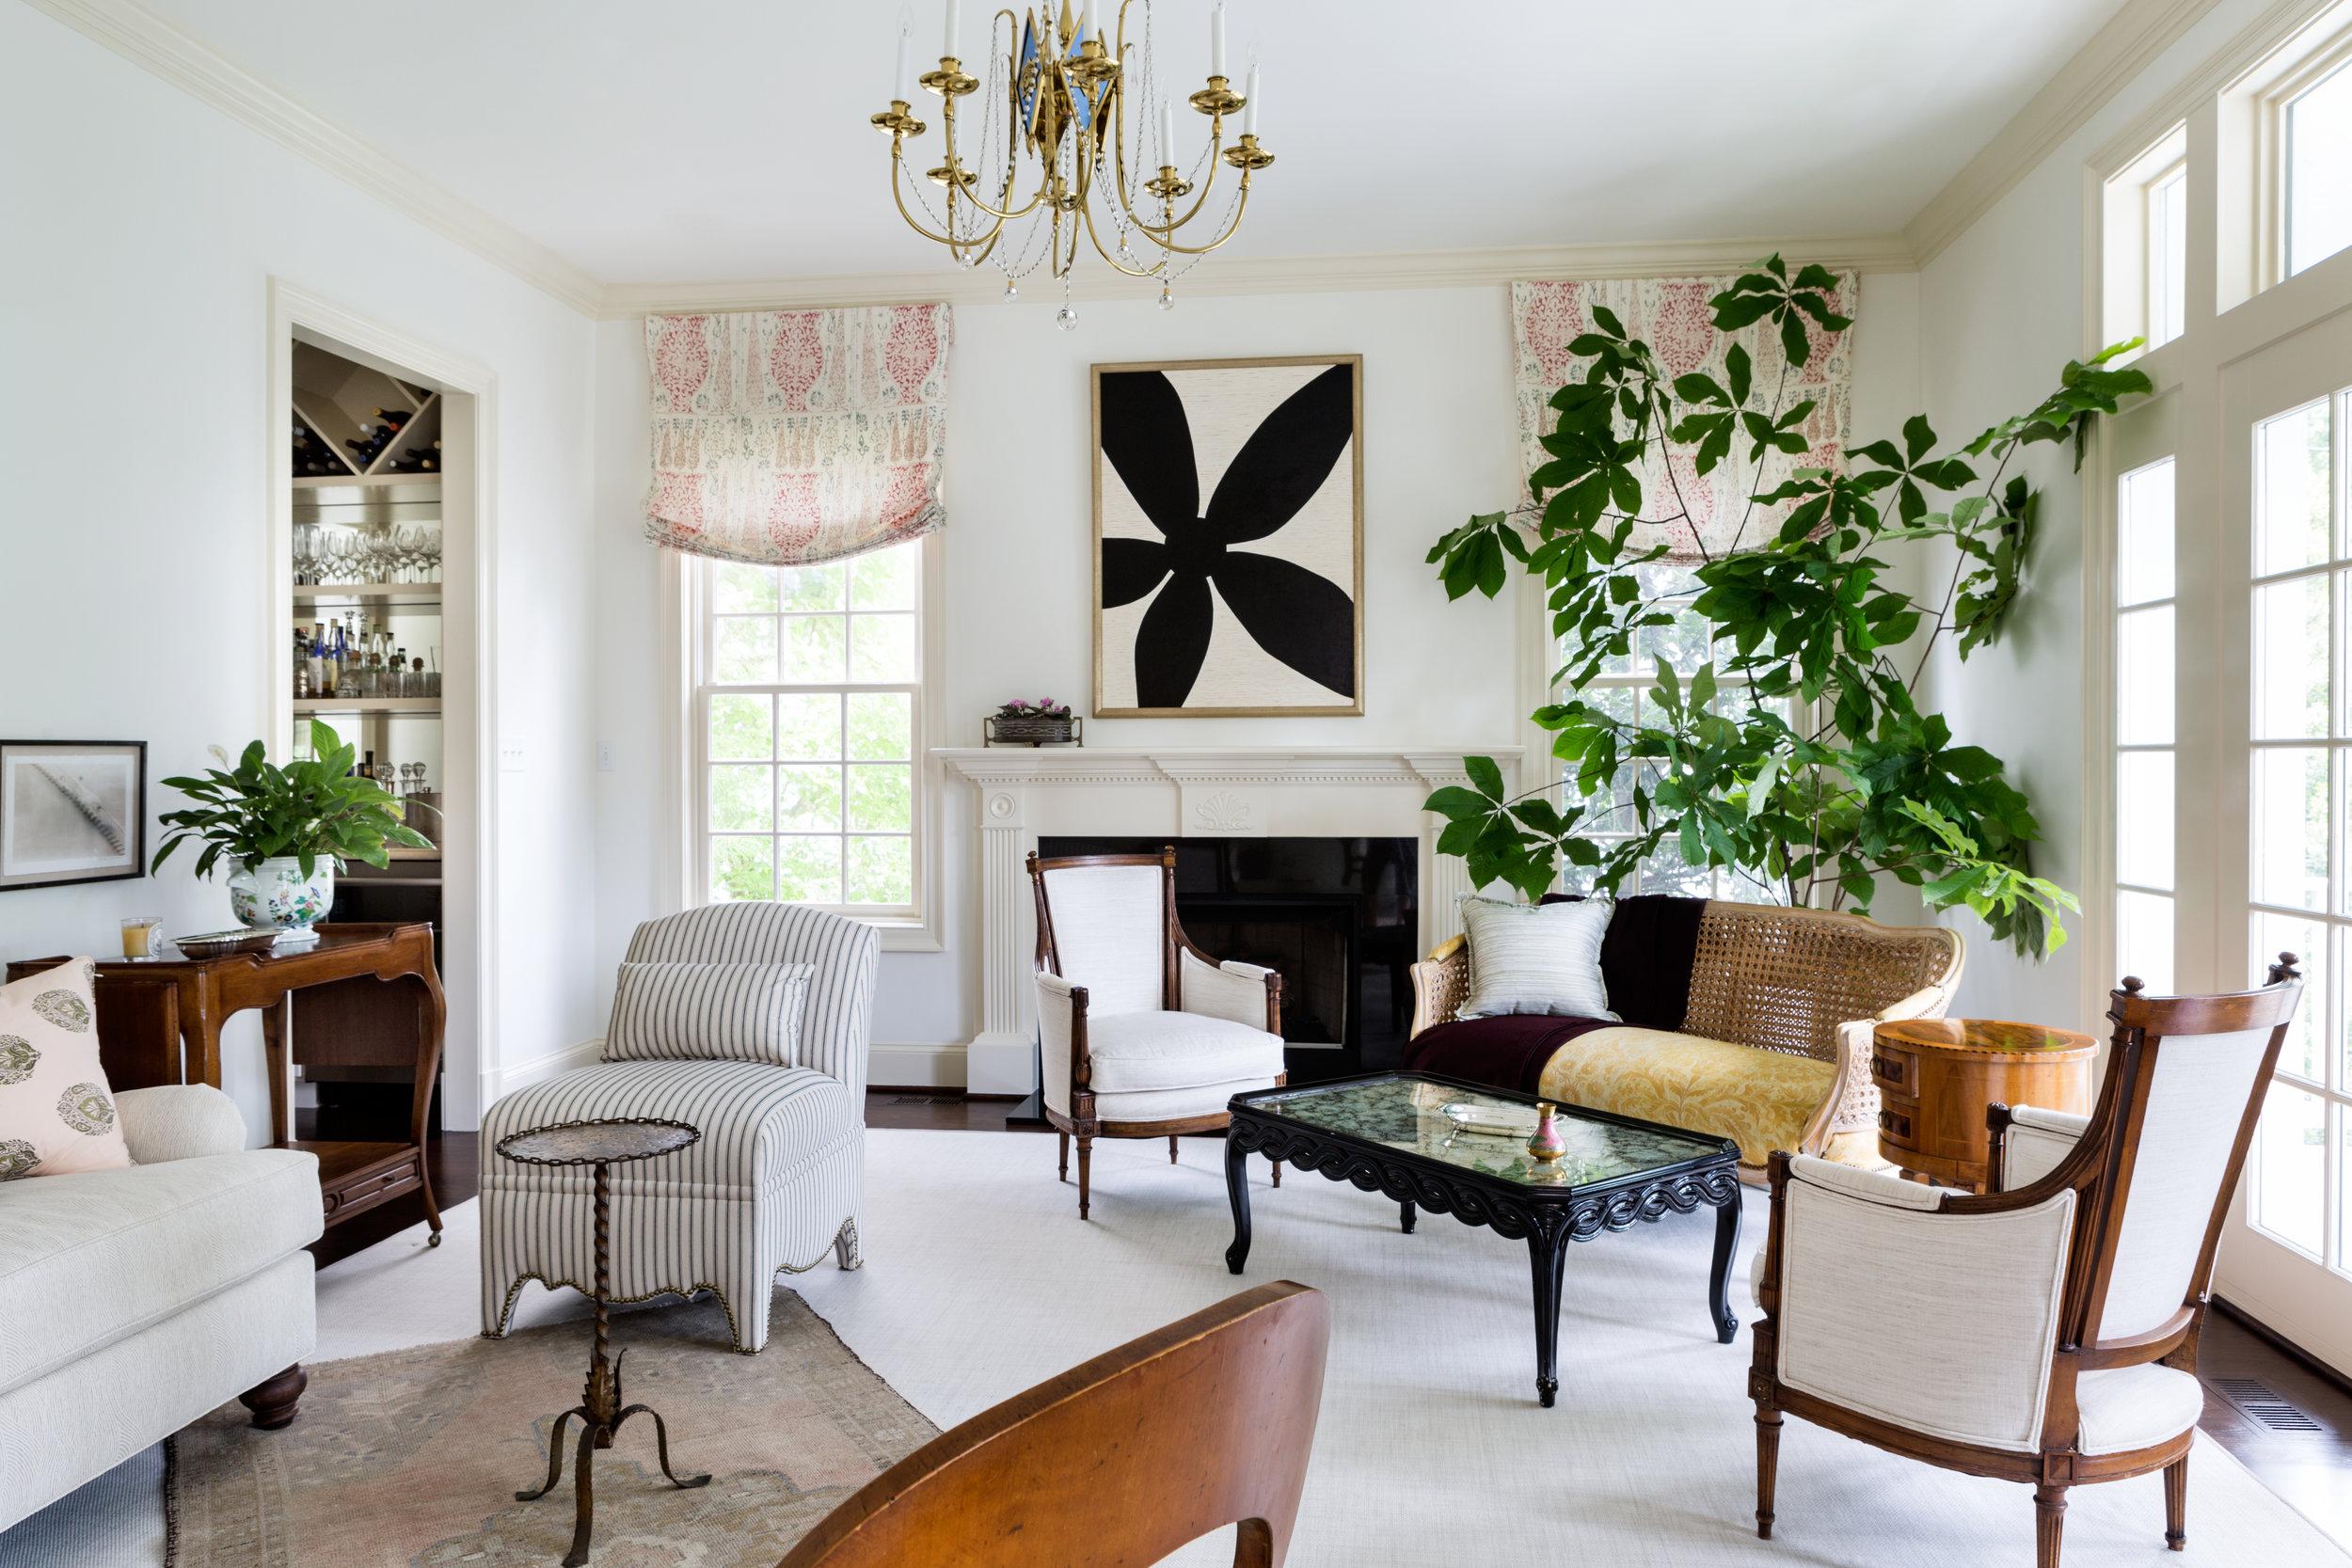 Berkley living room // Huntley & Co.